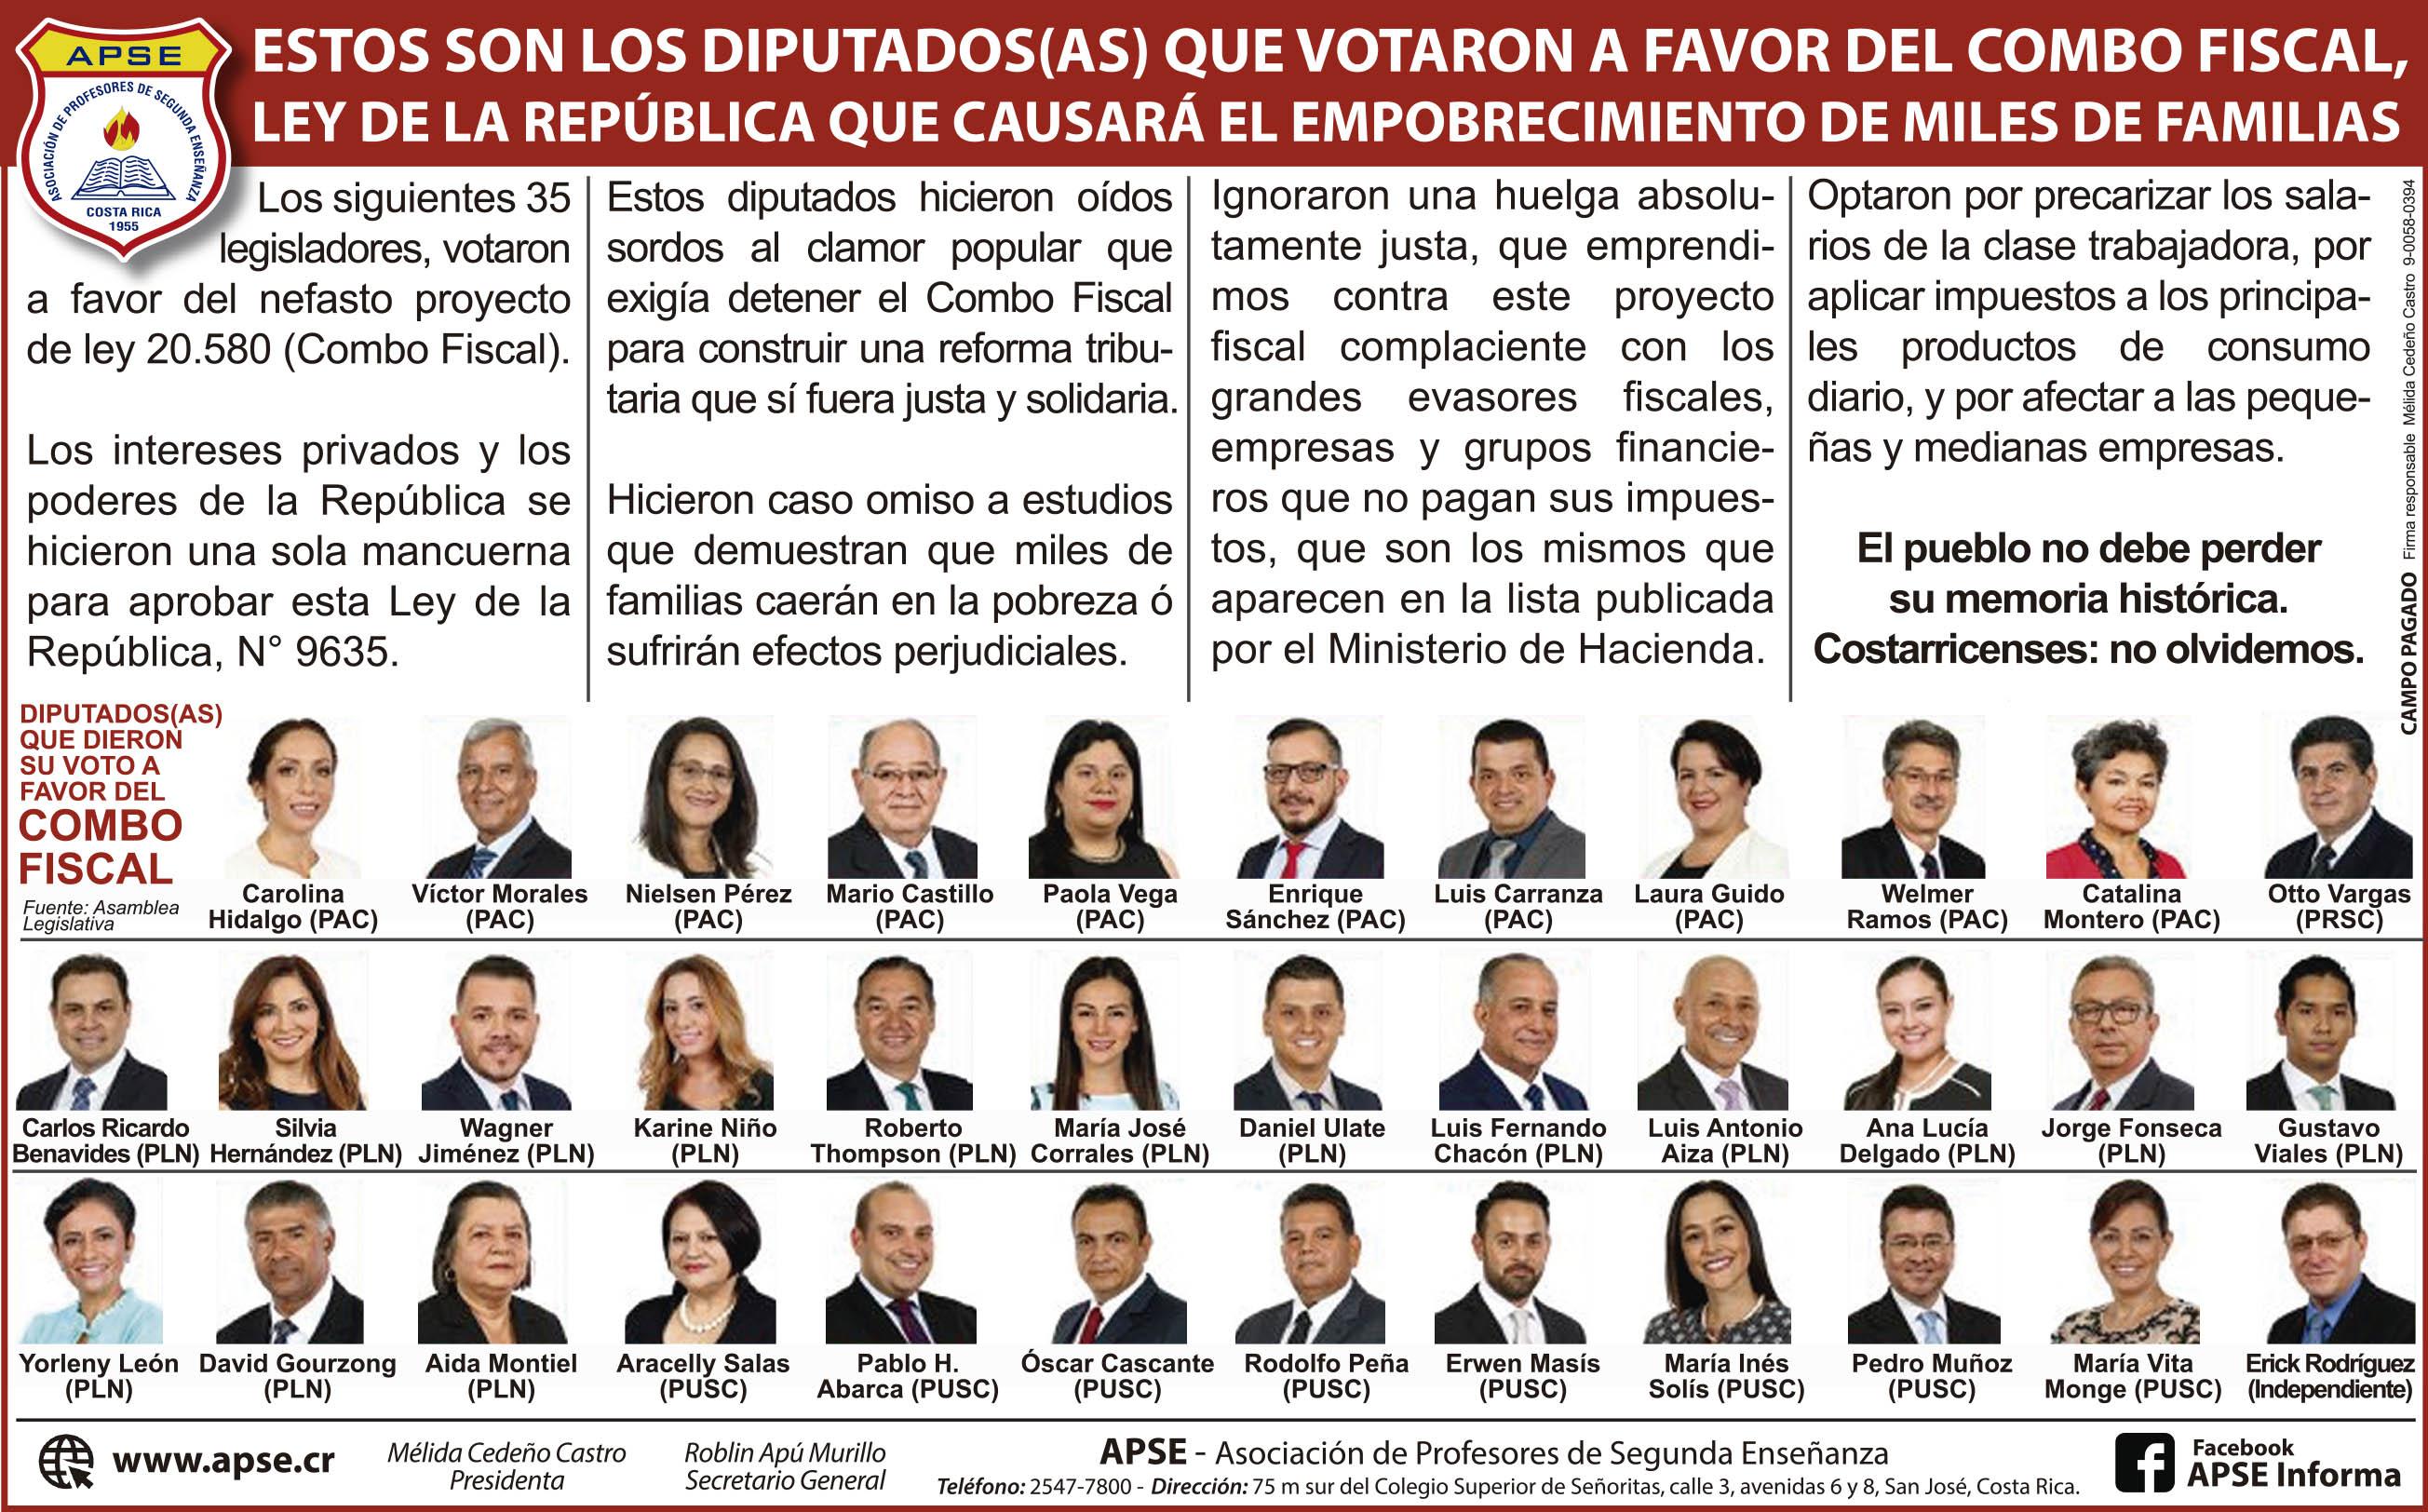 ESTOS SON LOS DIPUTADOS(AS) QUE VOTARON A FAVOR DEL COMBO FISCAL, LEY DE LA REPÚBLICA QUE CAUSARÁ EL EMPOBRECIMIENTO DE MILES DE FAMILIAS